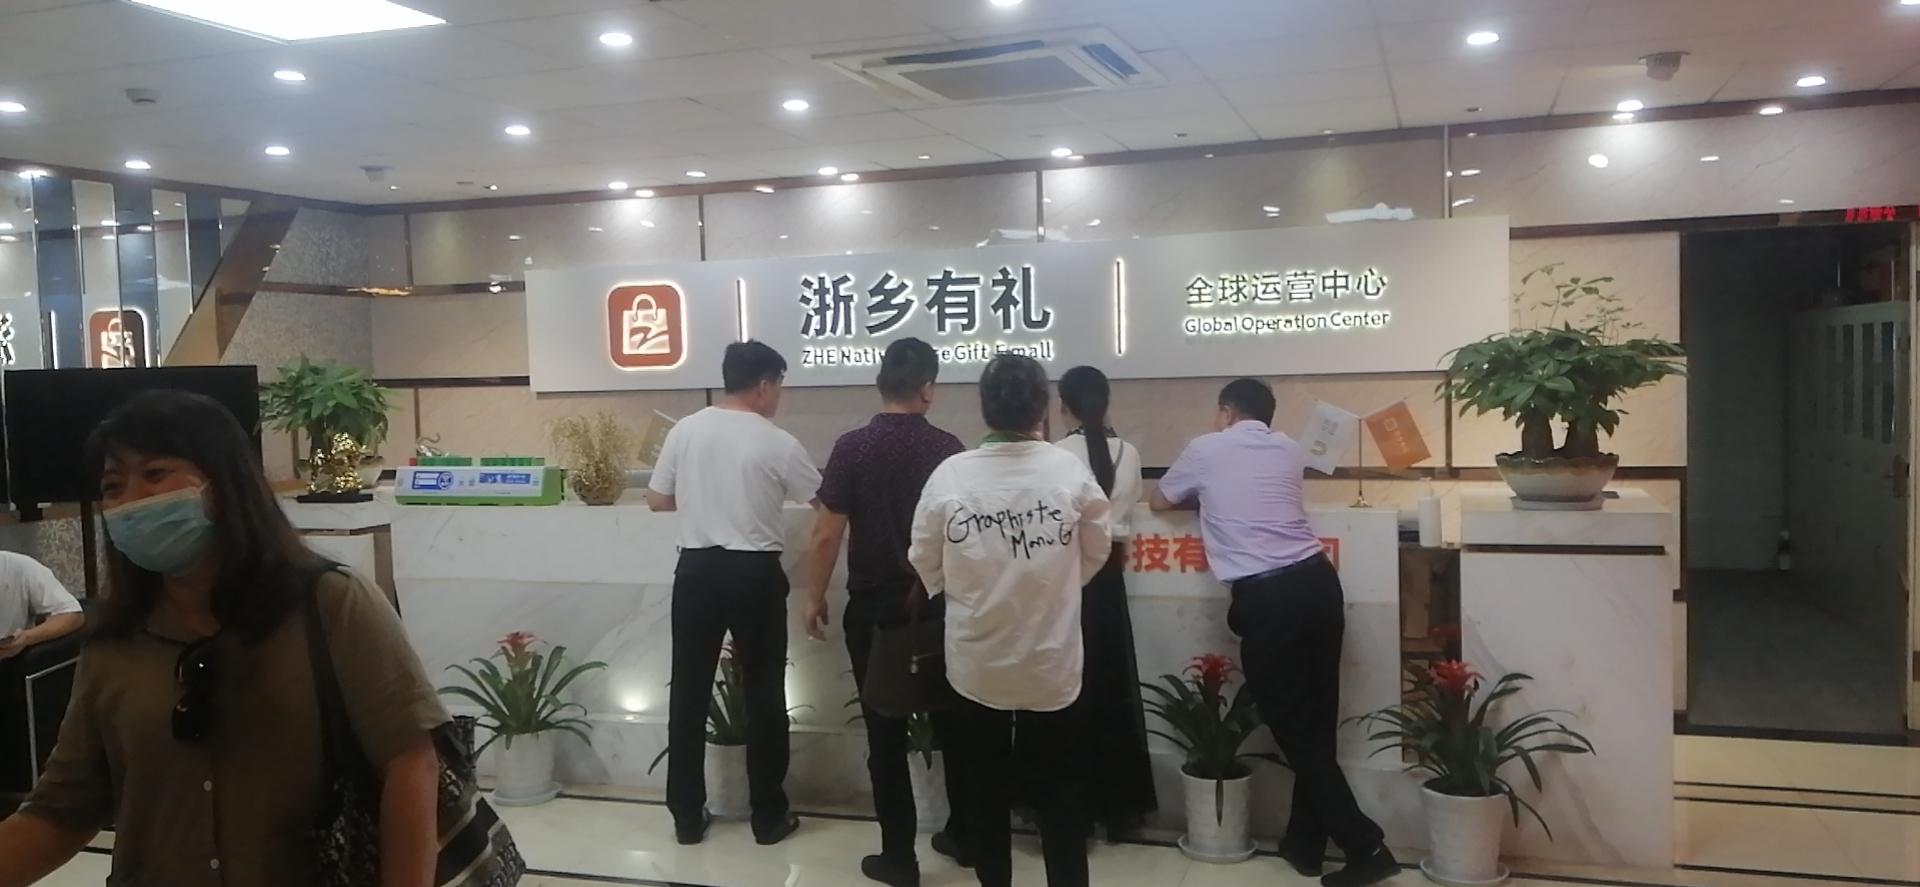 图片[1]-浙乡有礼拼团首码,全新模式撸红包拼团无压力-首码社